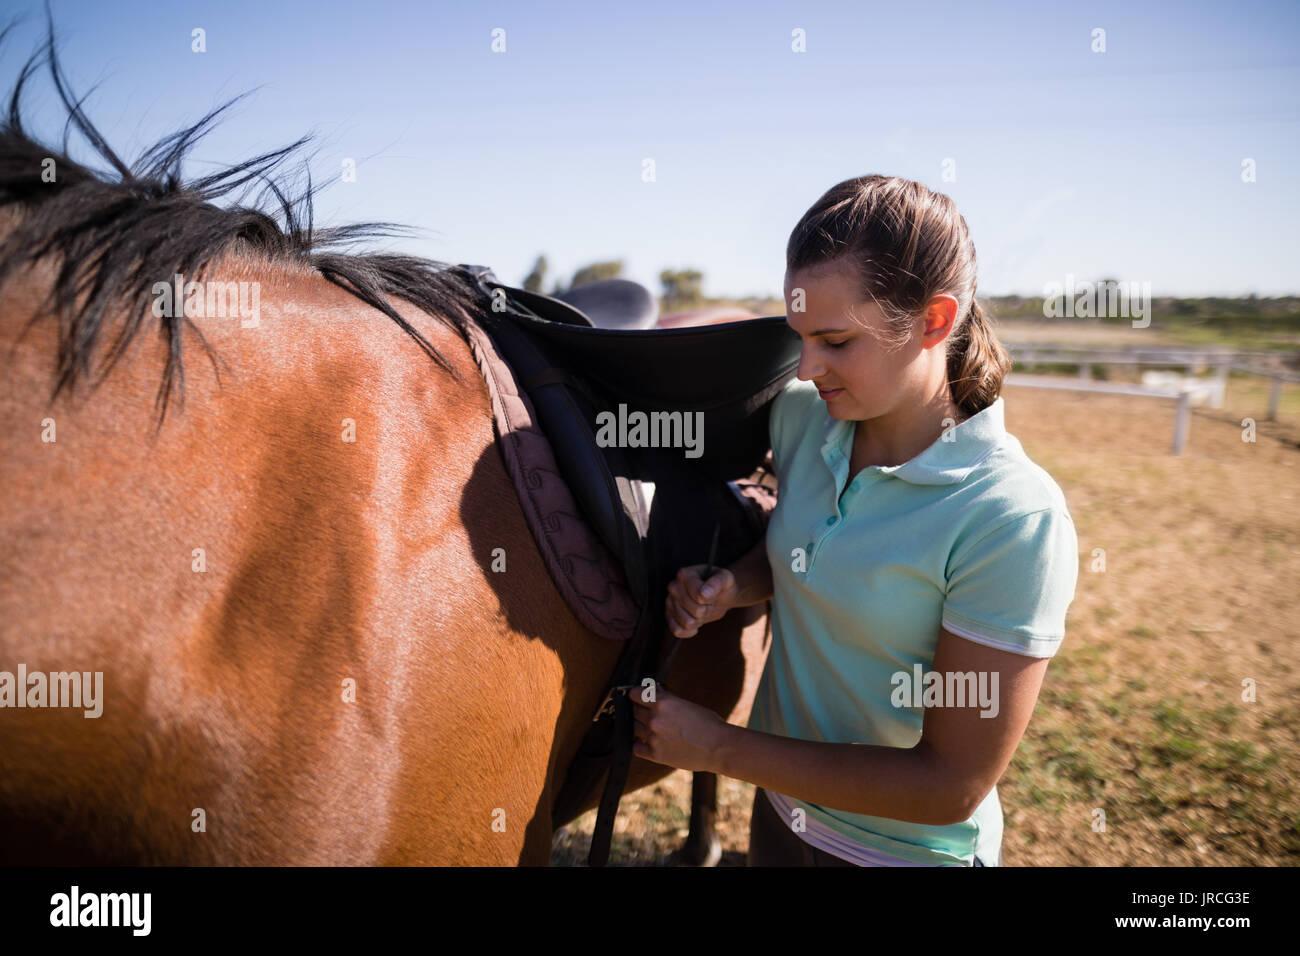 Caballete de sujeción jockey femenino estando de pie en el campo de caballos Foto de stock